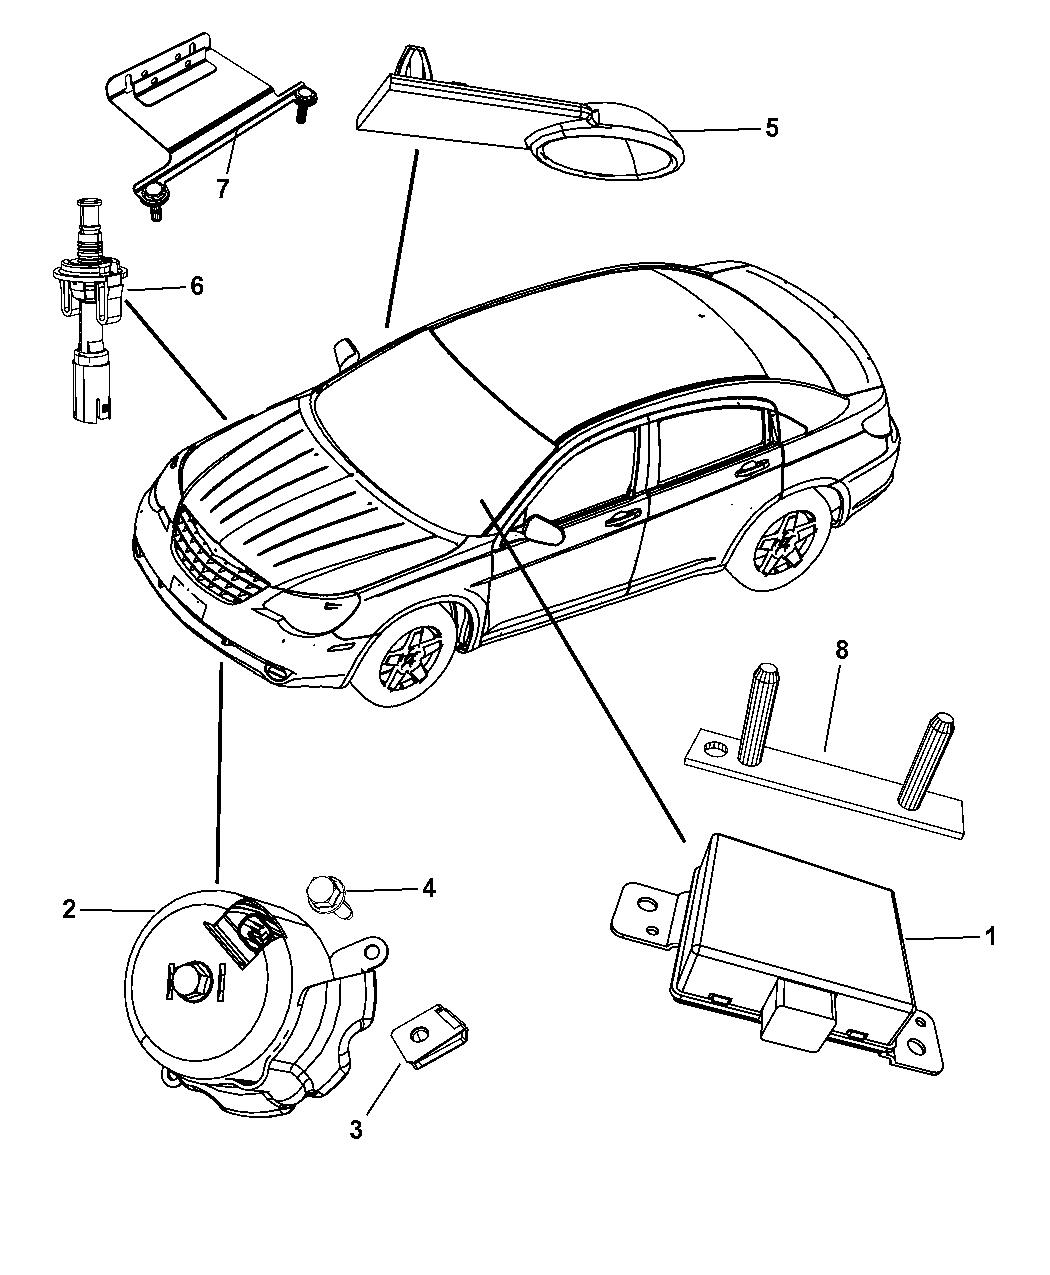 4692053AC - Genuine Chrysler MODULE-SECURITY ALARM